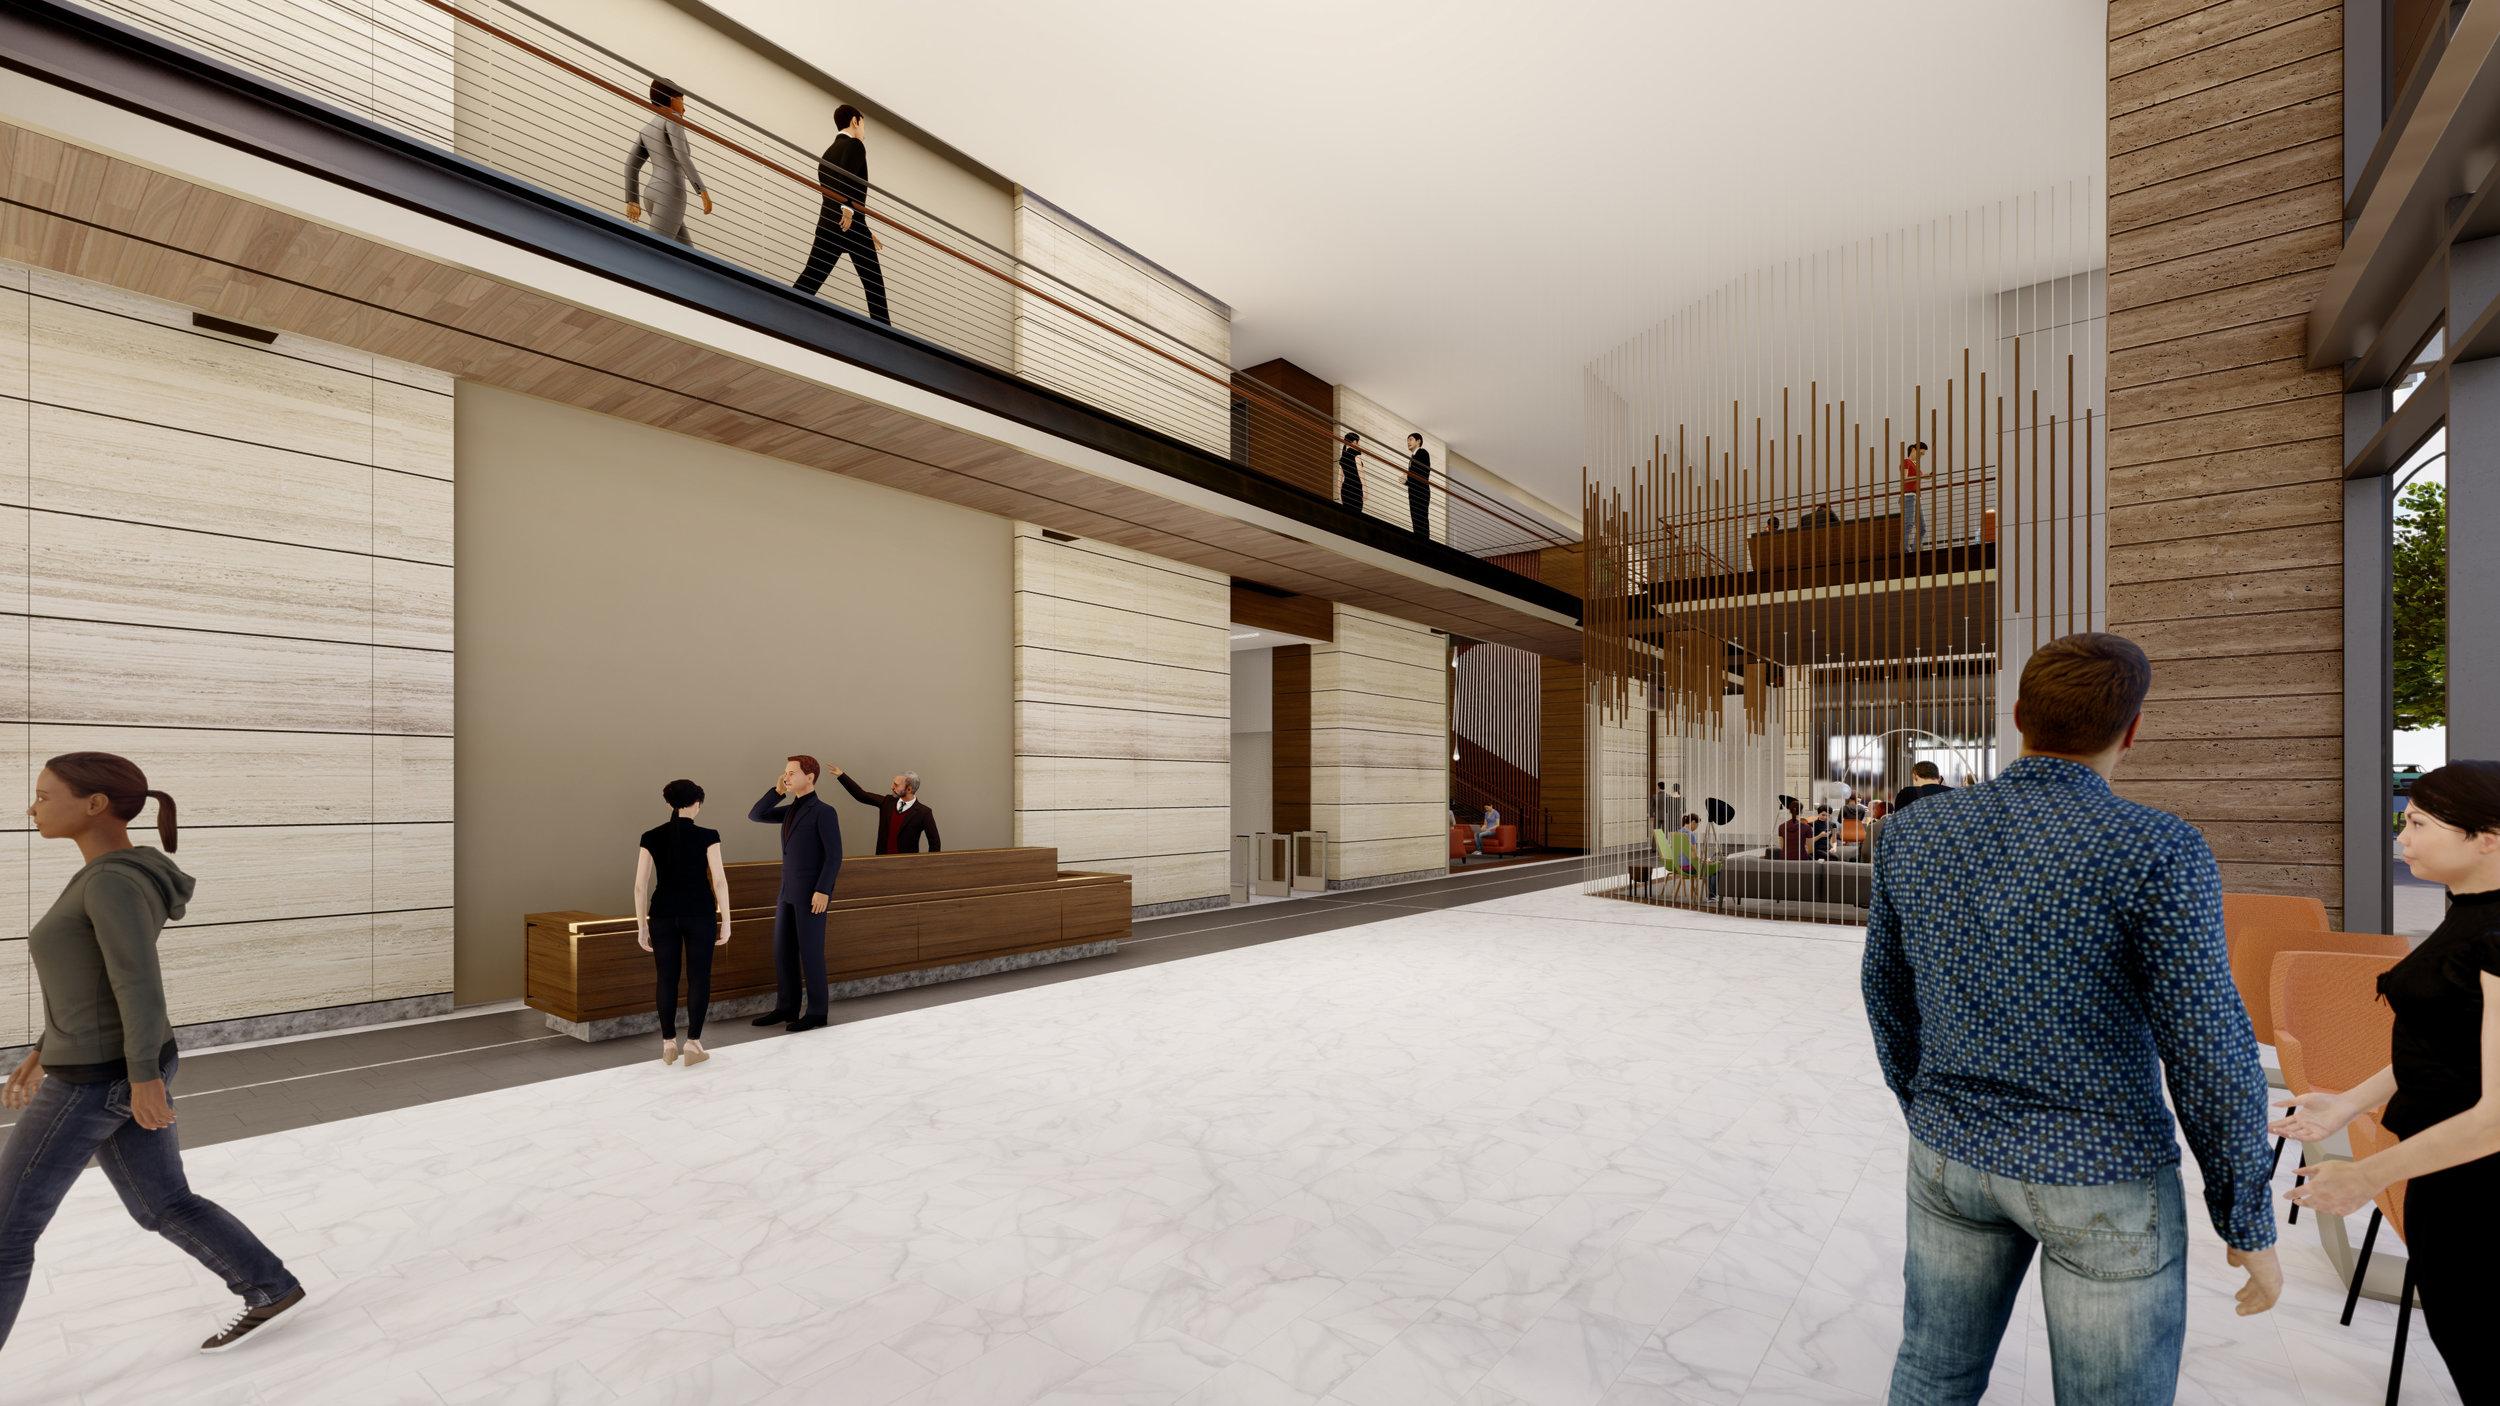 190130__Lobby Interior_Entry_Med Res.jpg